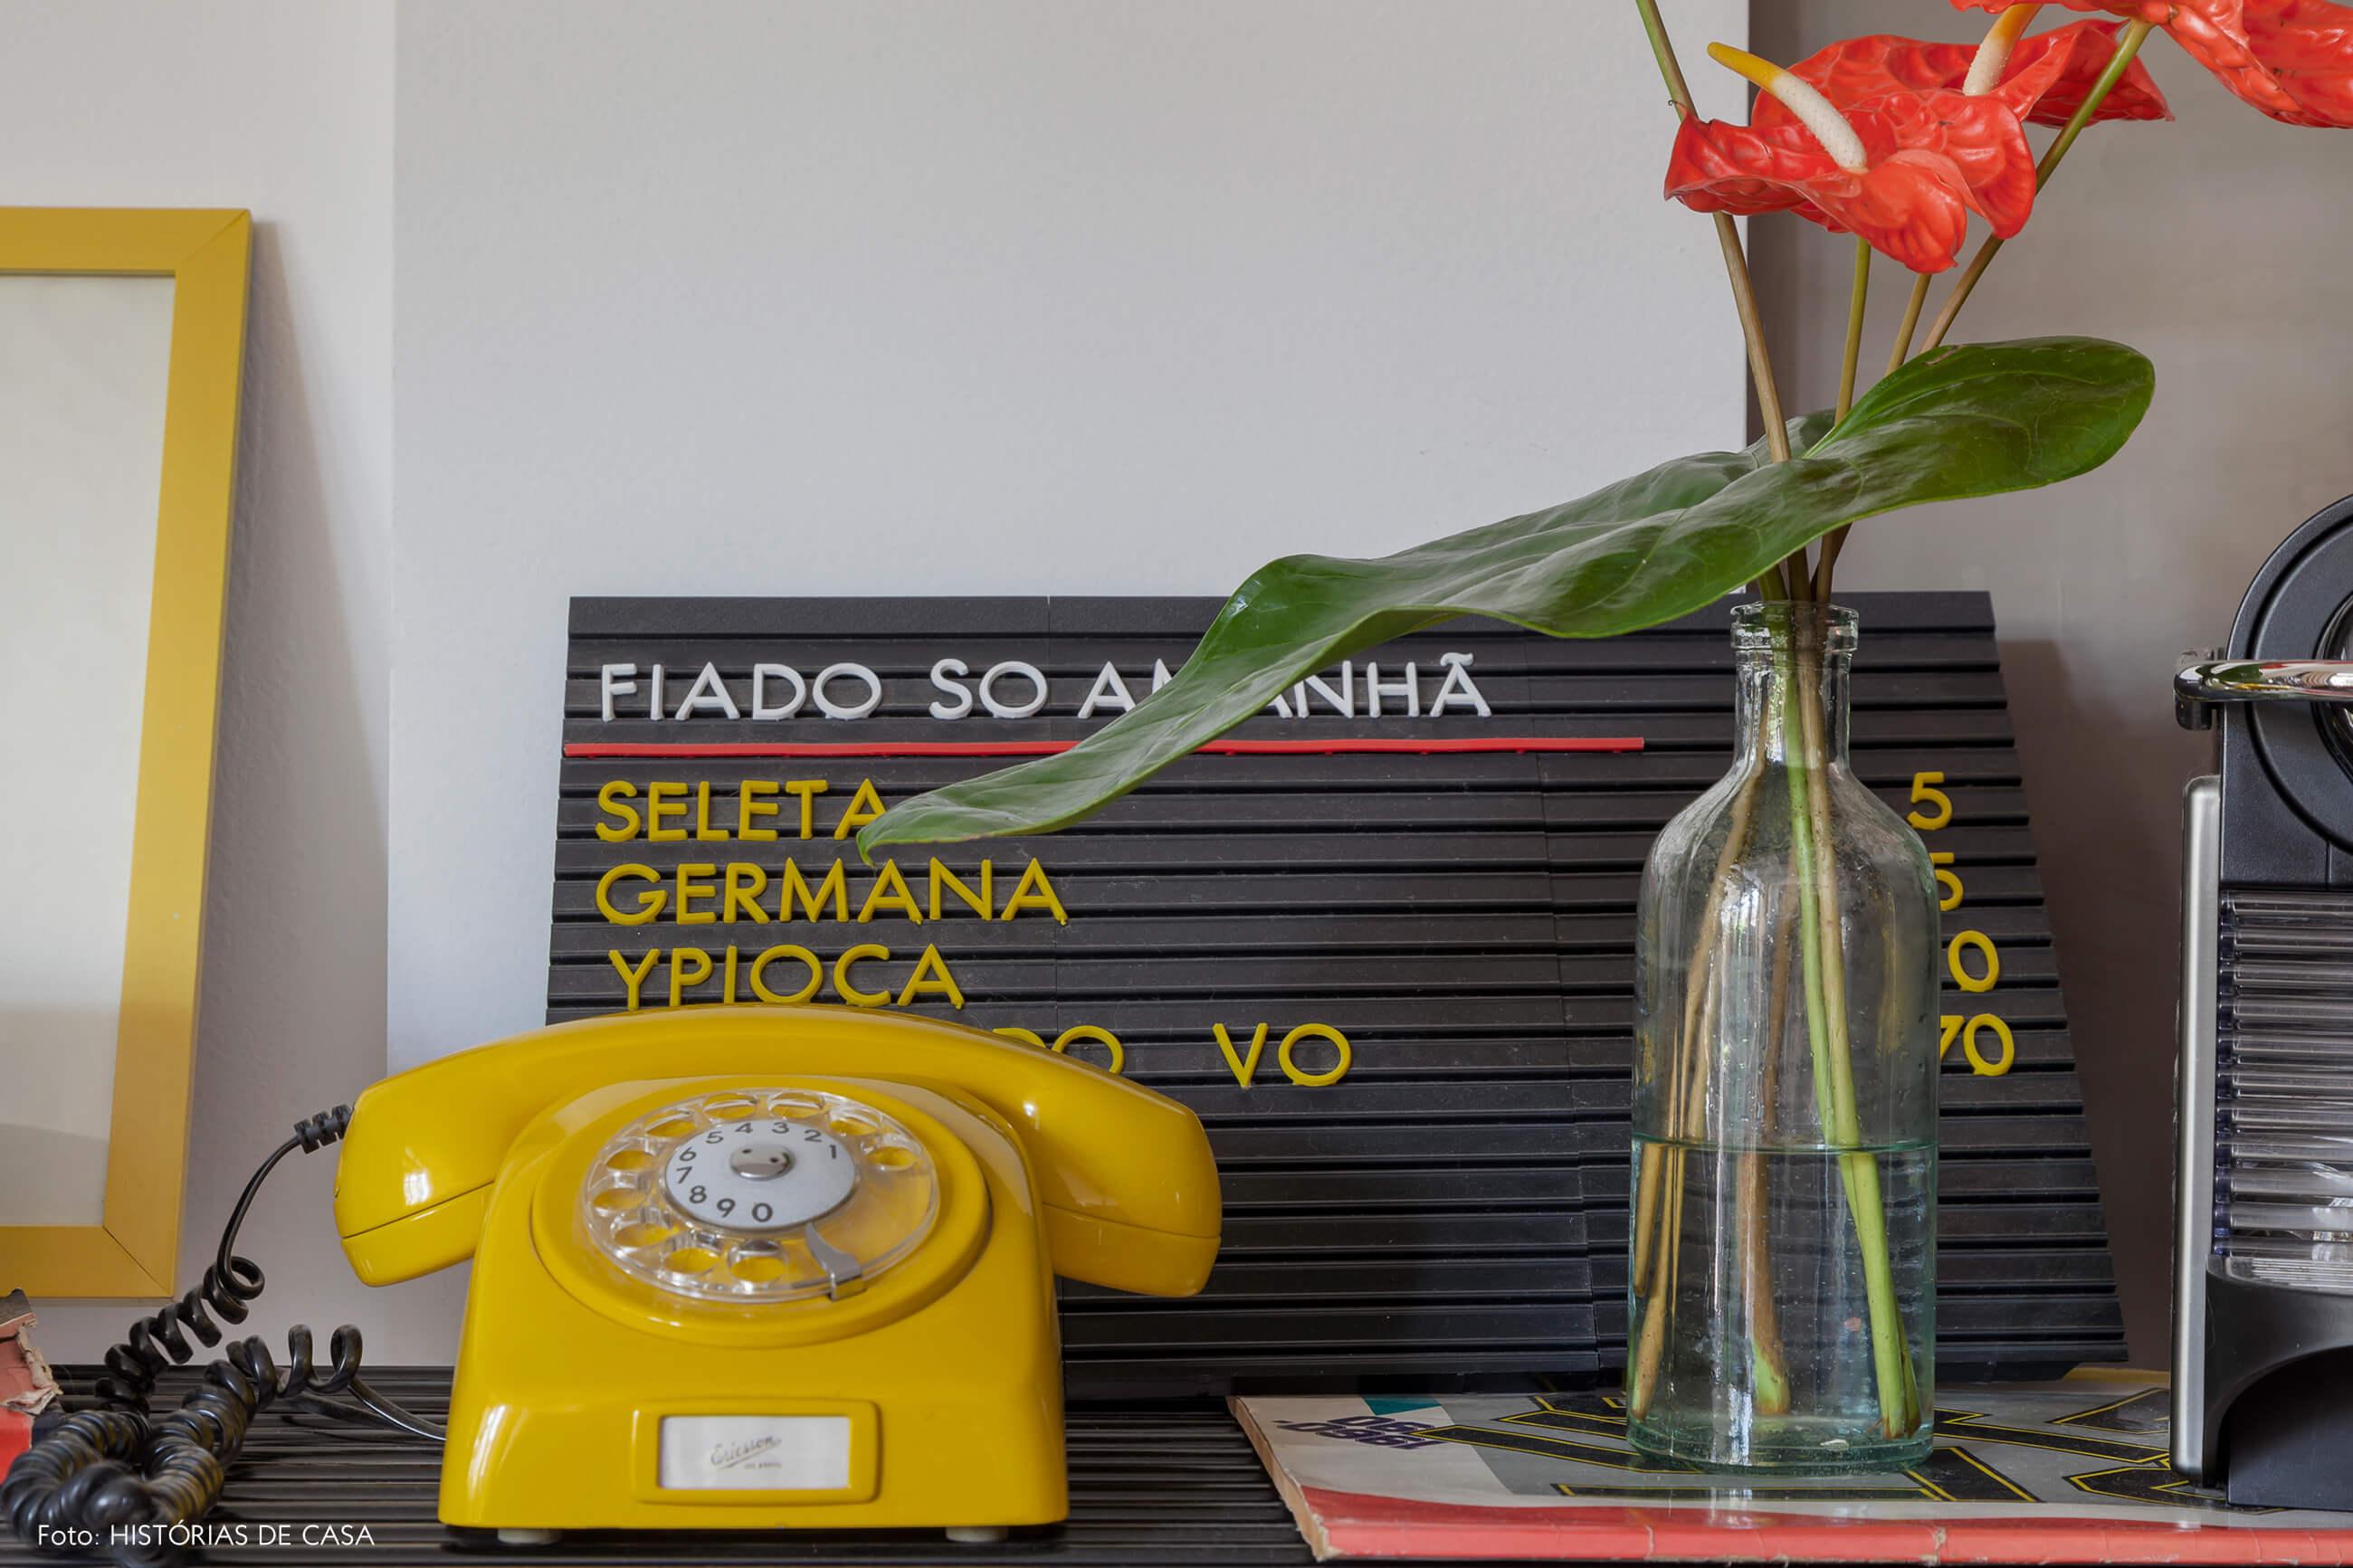 Decoração colorida com detalhes bacanas, como um telefone amarelo